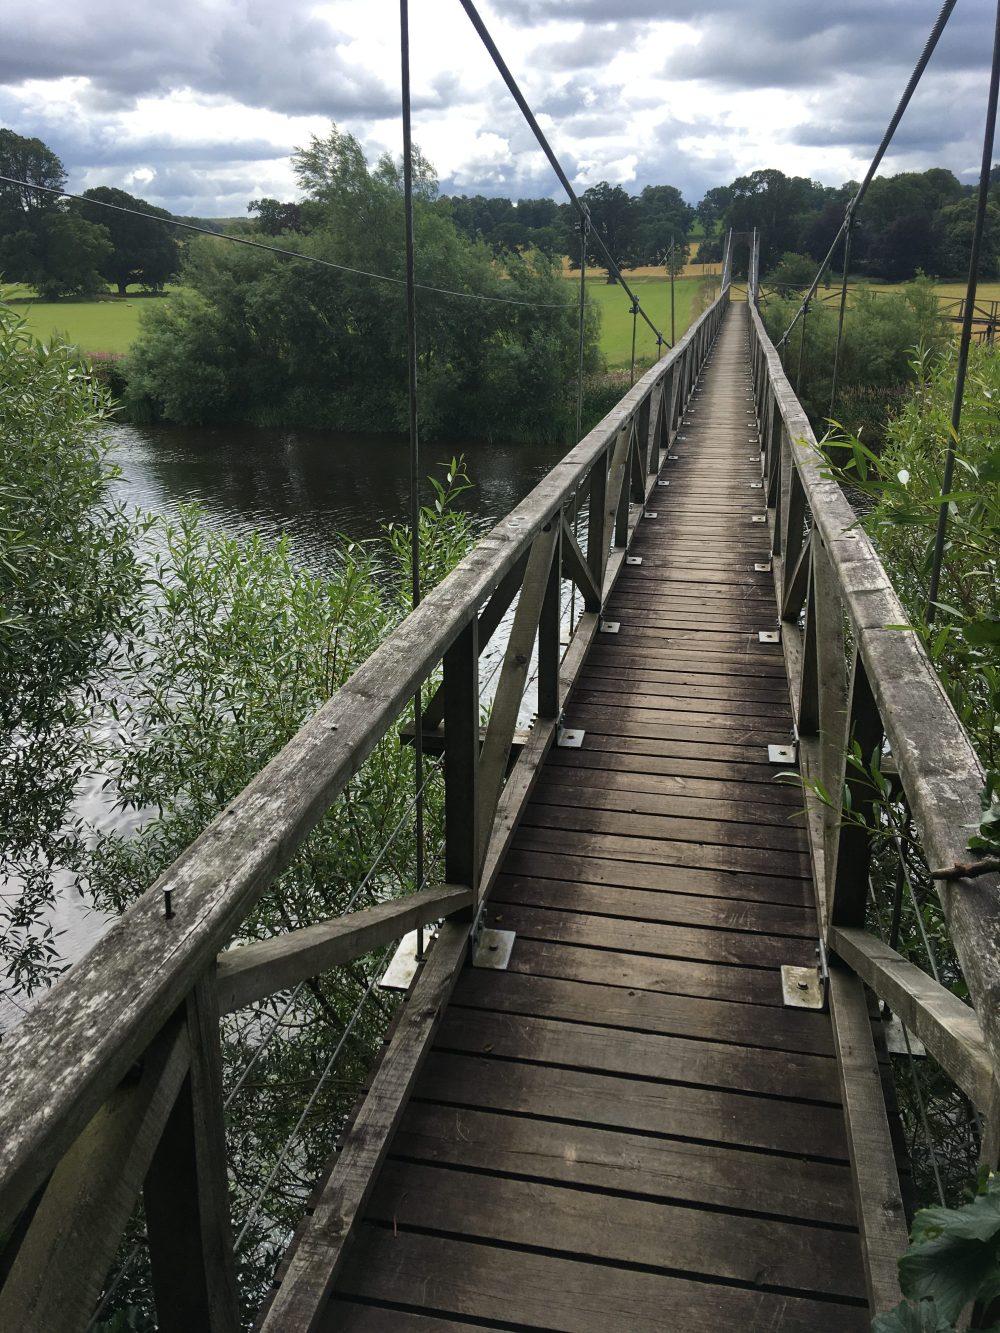 592 Wobbly bridge over Tweed